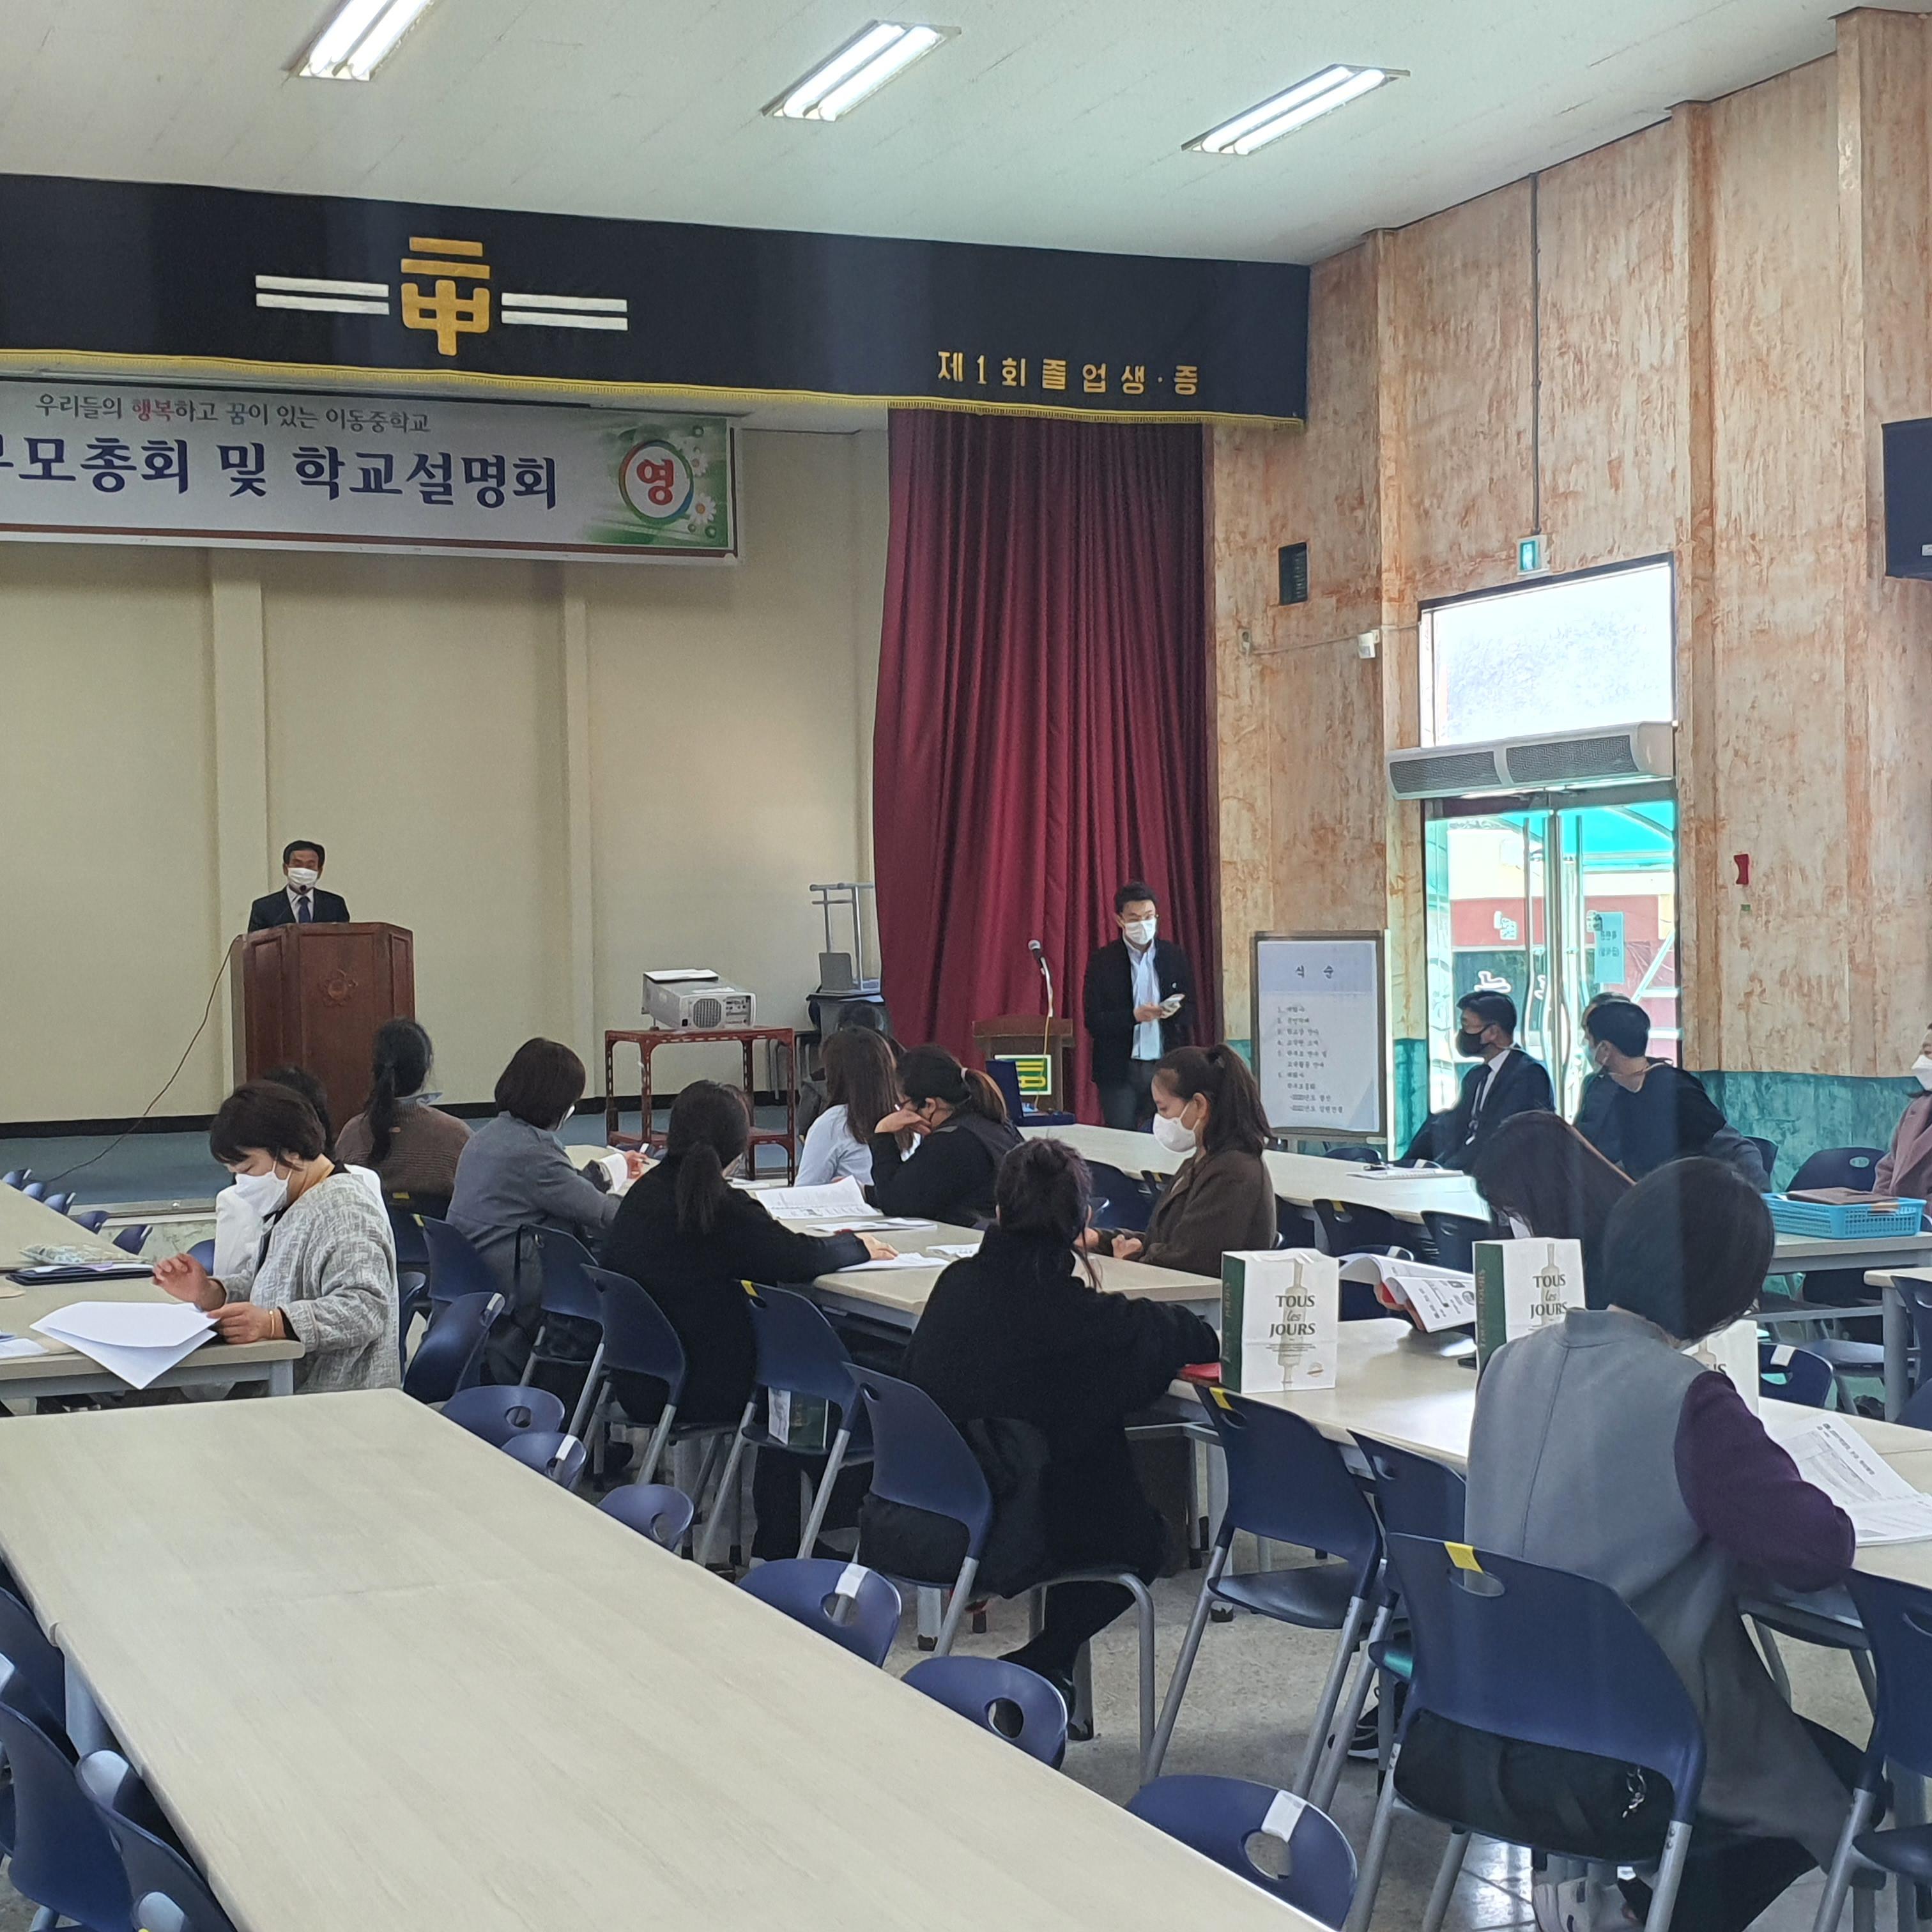 [일반] 교육과정 설명회 및 학부모 총회의 첨부이미지 2